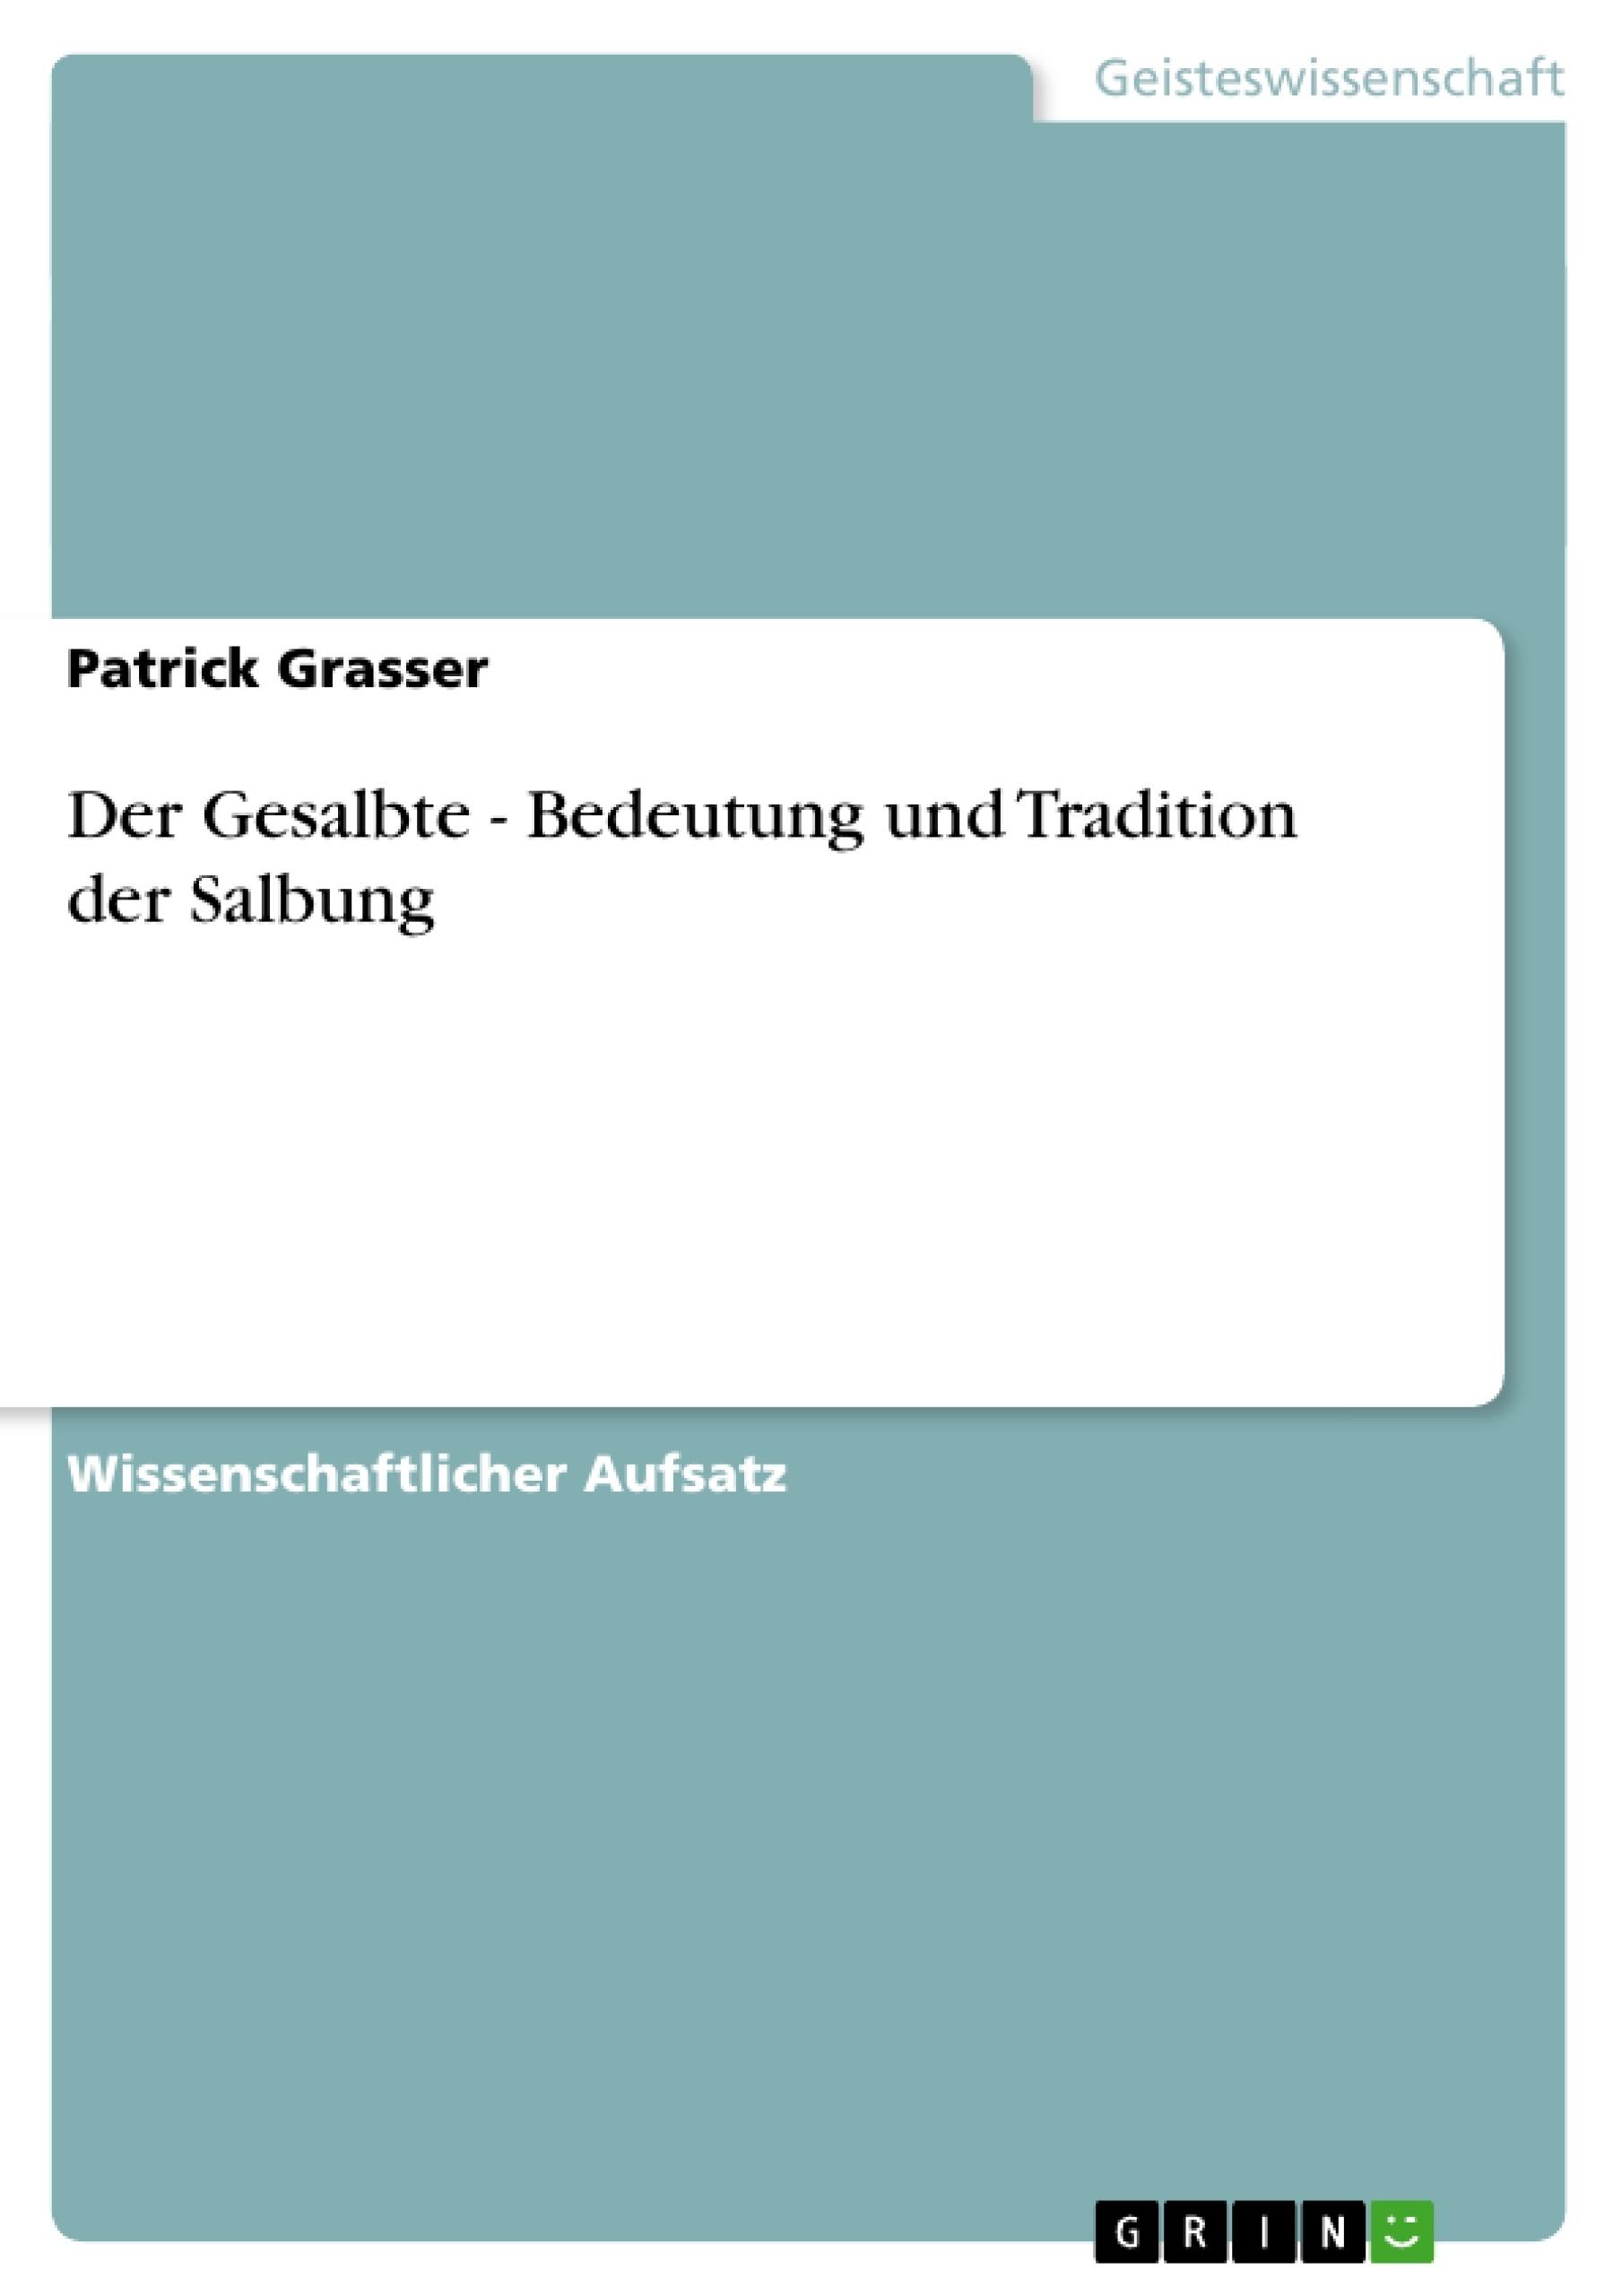 Titel: Der Gesalbte - Bedeutung und Tradition der Salbung